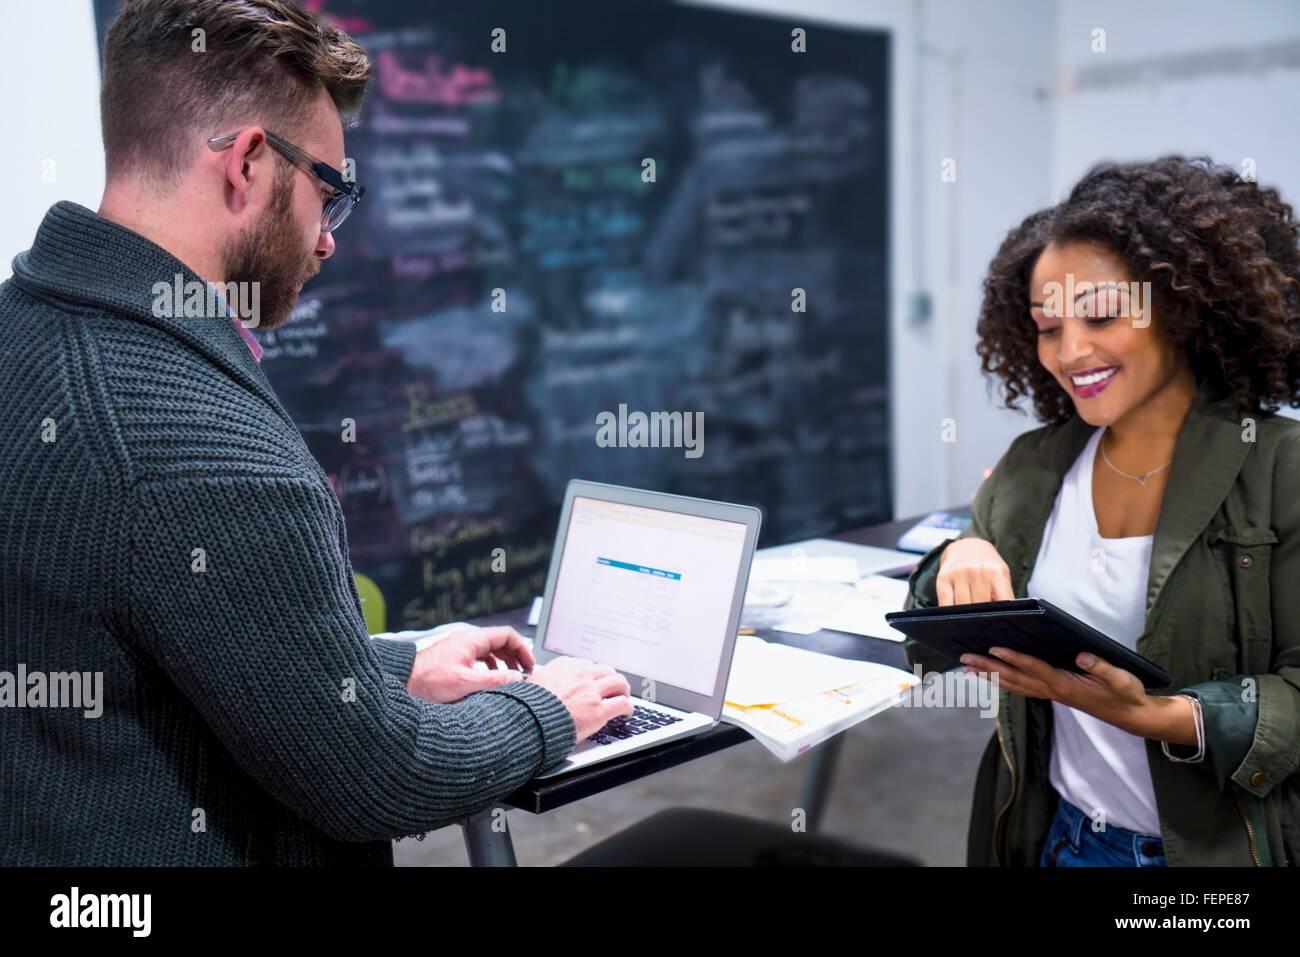 Kolleginnen und Kollegen im Arbeitsplatz über digitale Tablet und Laptop lächelnd Stockbild